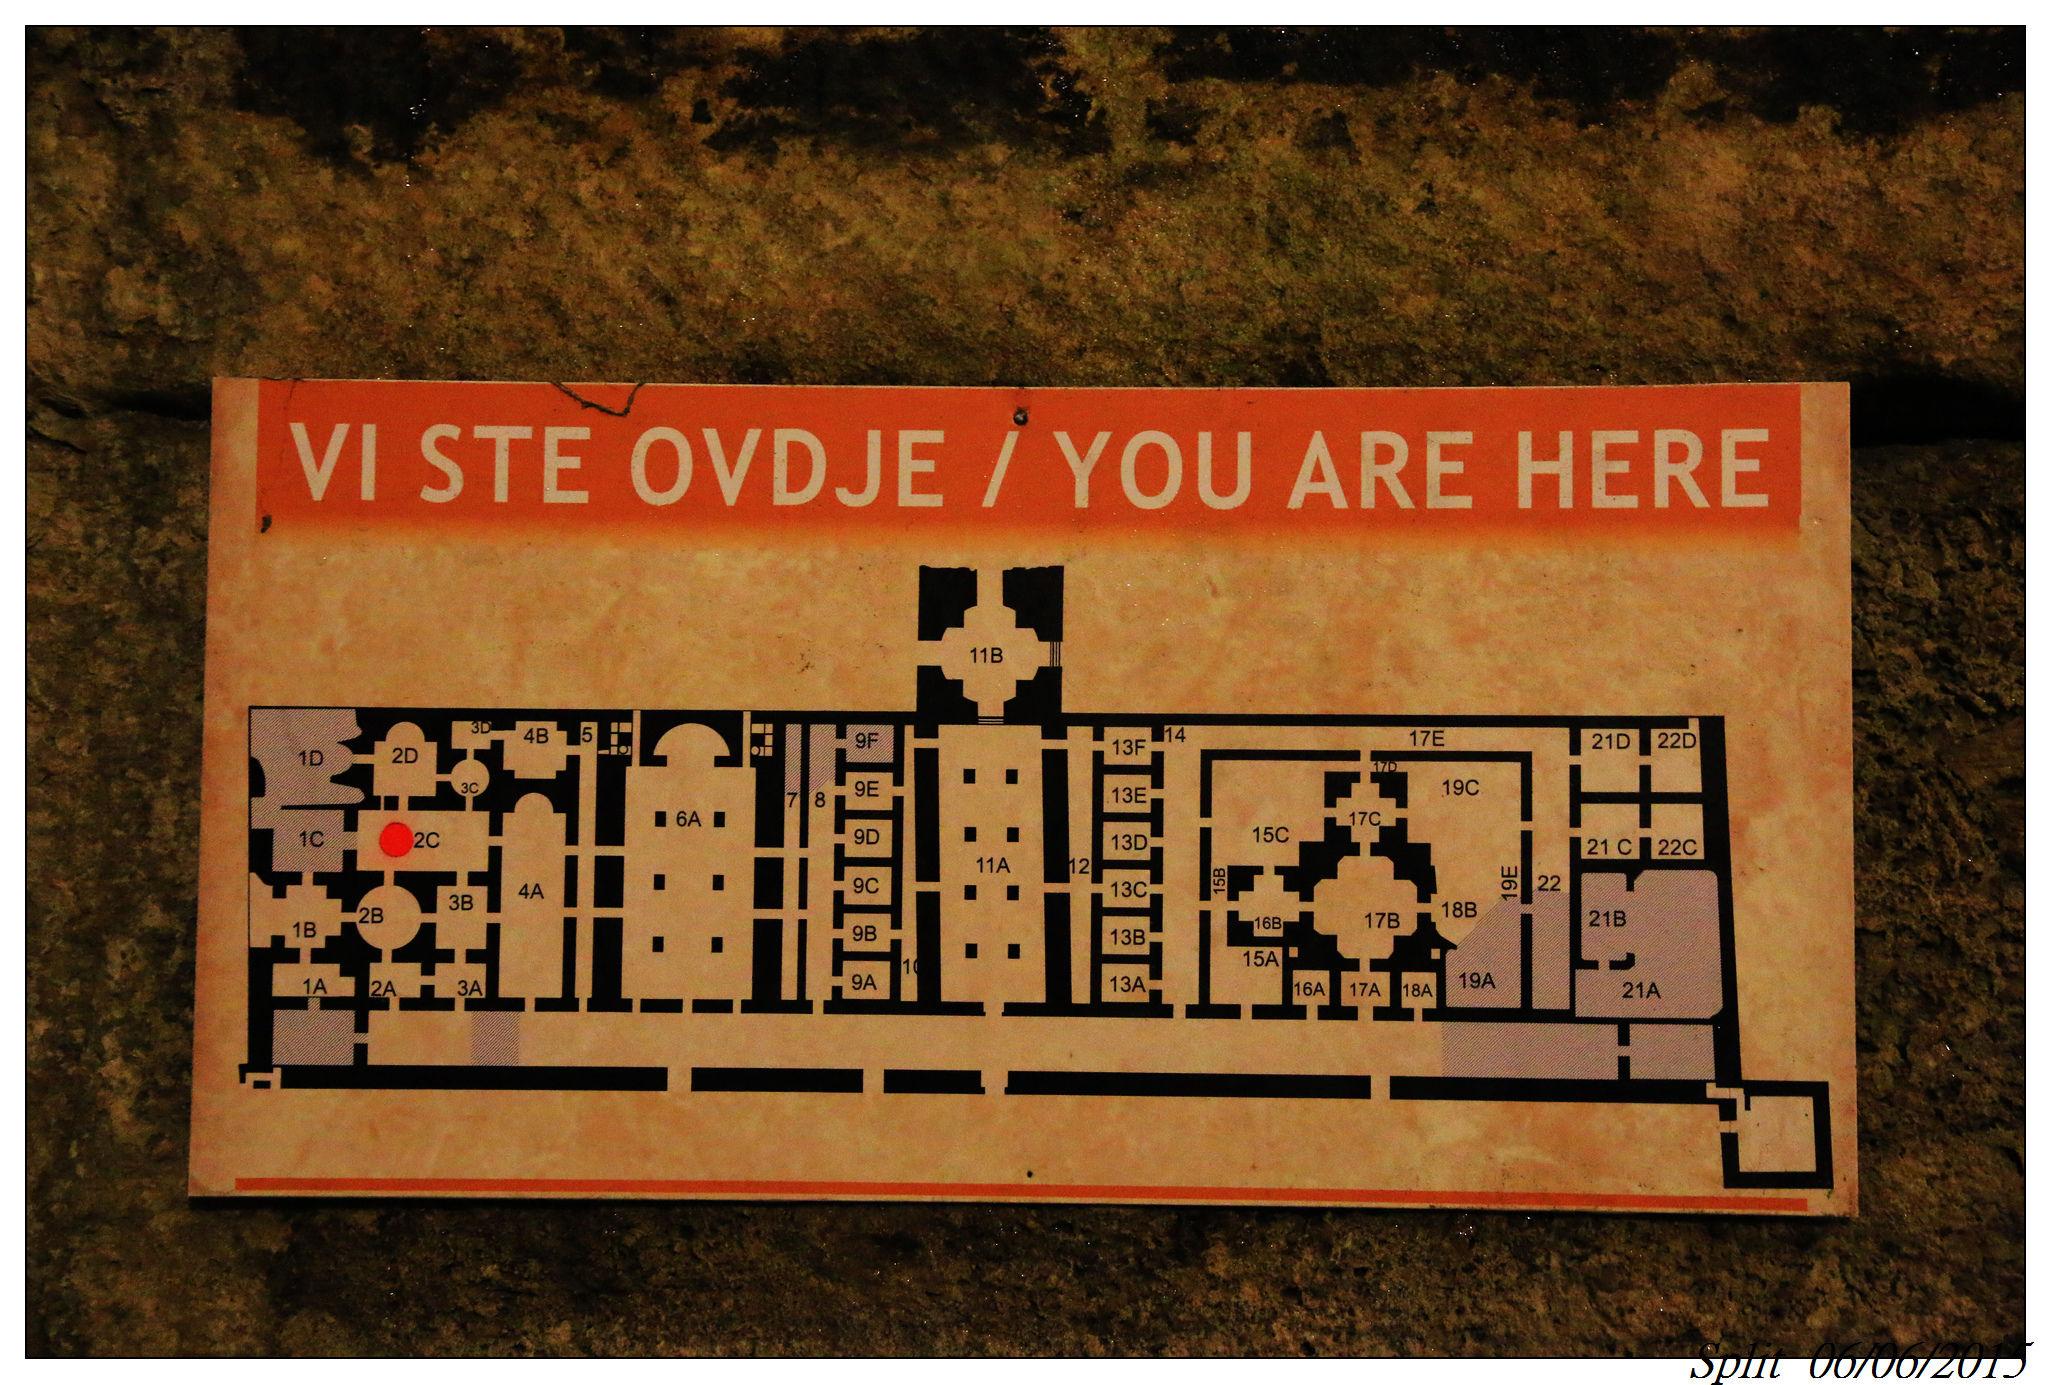 地下大廳地圖